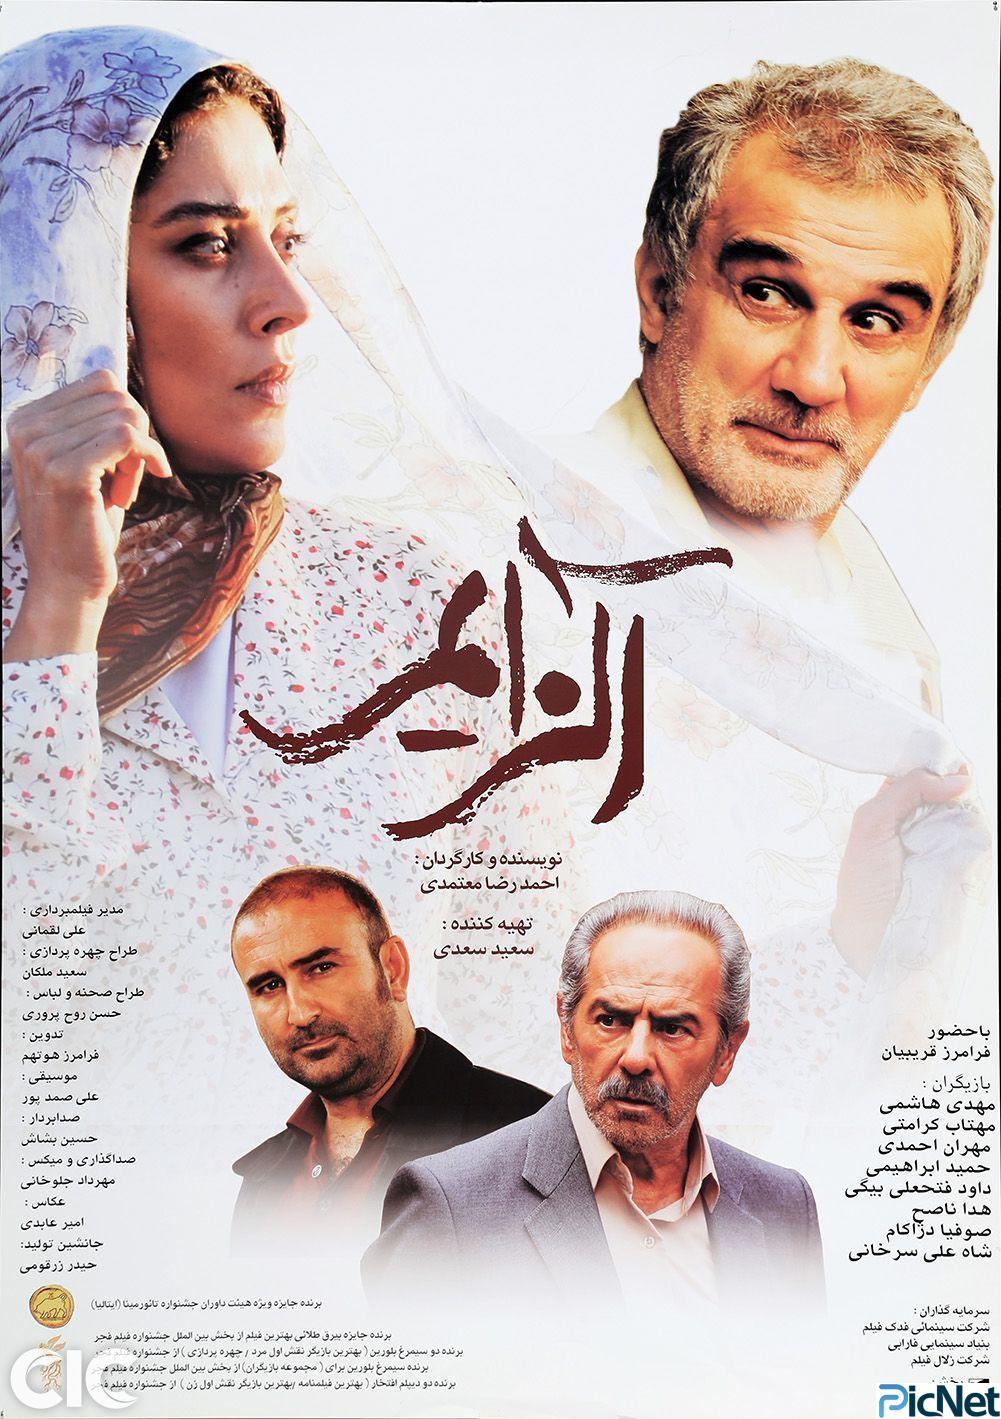 دانلود رایگان فیلم سینمایی ایرانی آلزایمر